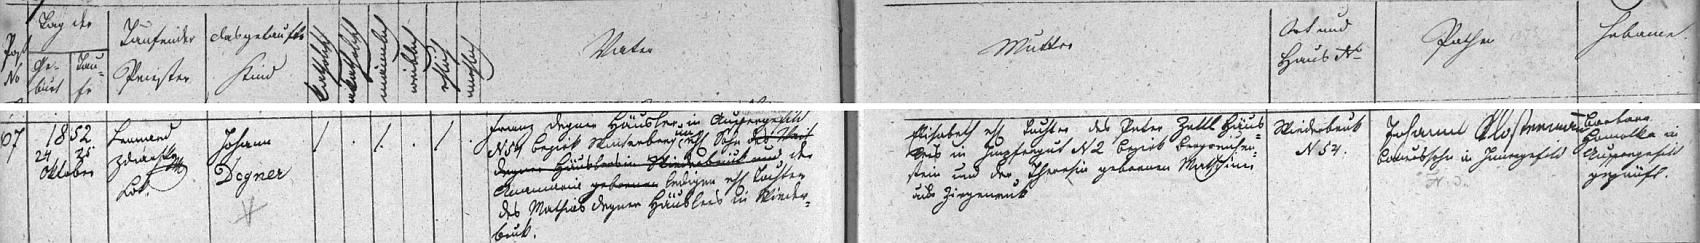 Záznam kvildské křestní matriky o narození jeho otce Johanna Degnera na Vydřím Mostě čp. 54